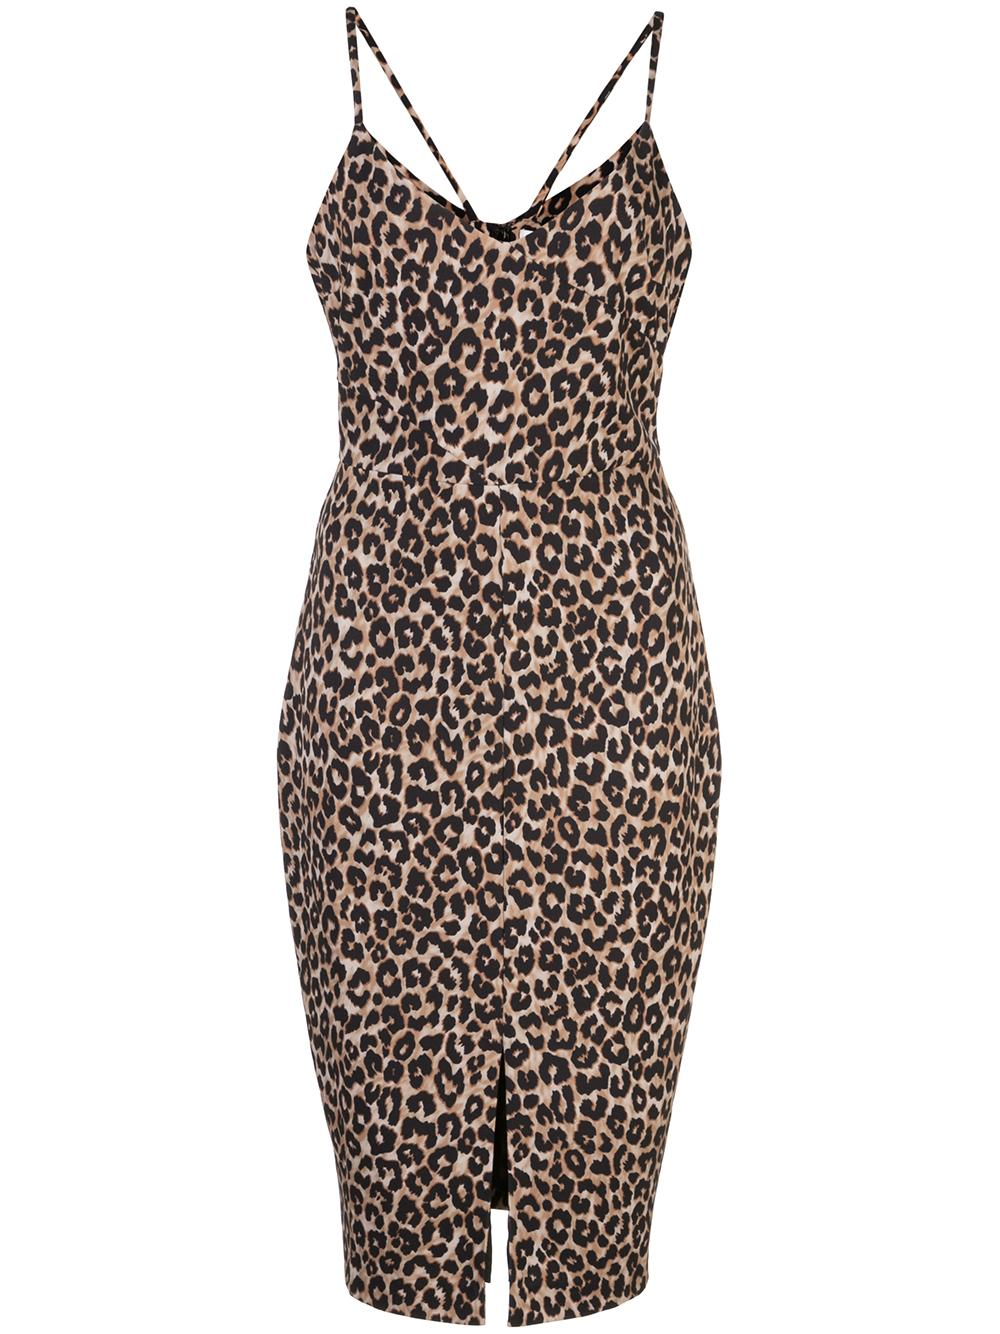 Leopard Brooklyn Dress